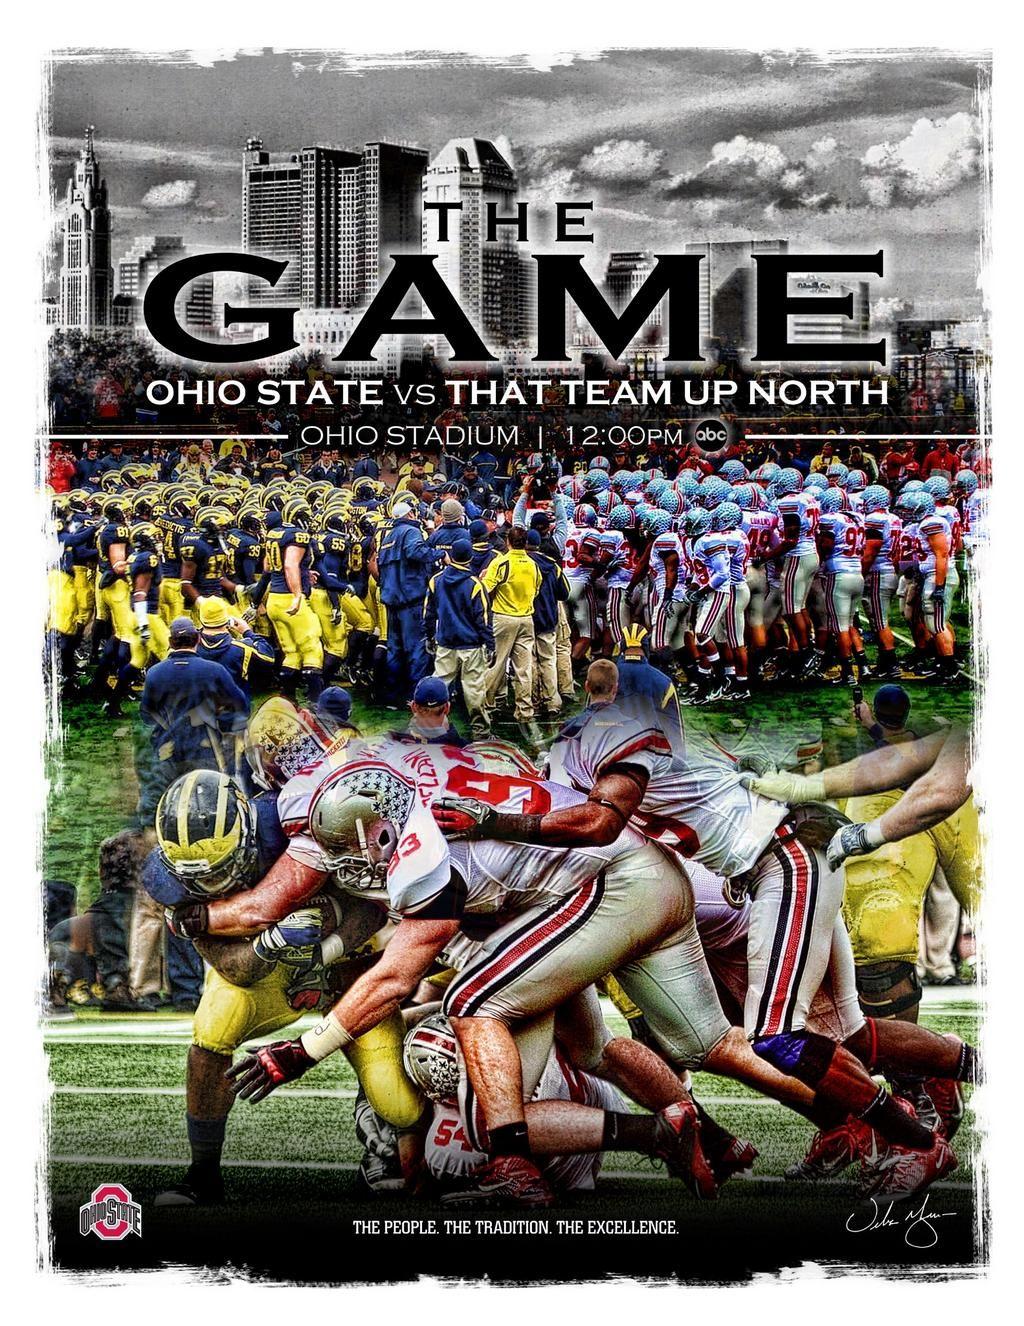 Img109 Jpg Jpeg Image 1024 1326 Pixels Scaled 57 Ohio State Michigan Ohio State Vs Michigan Ohio State Buckeyes Football